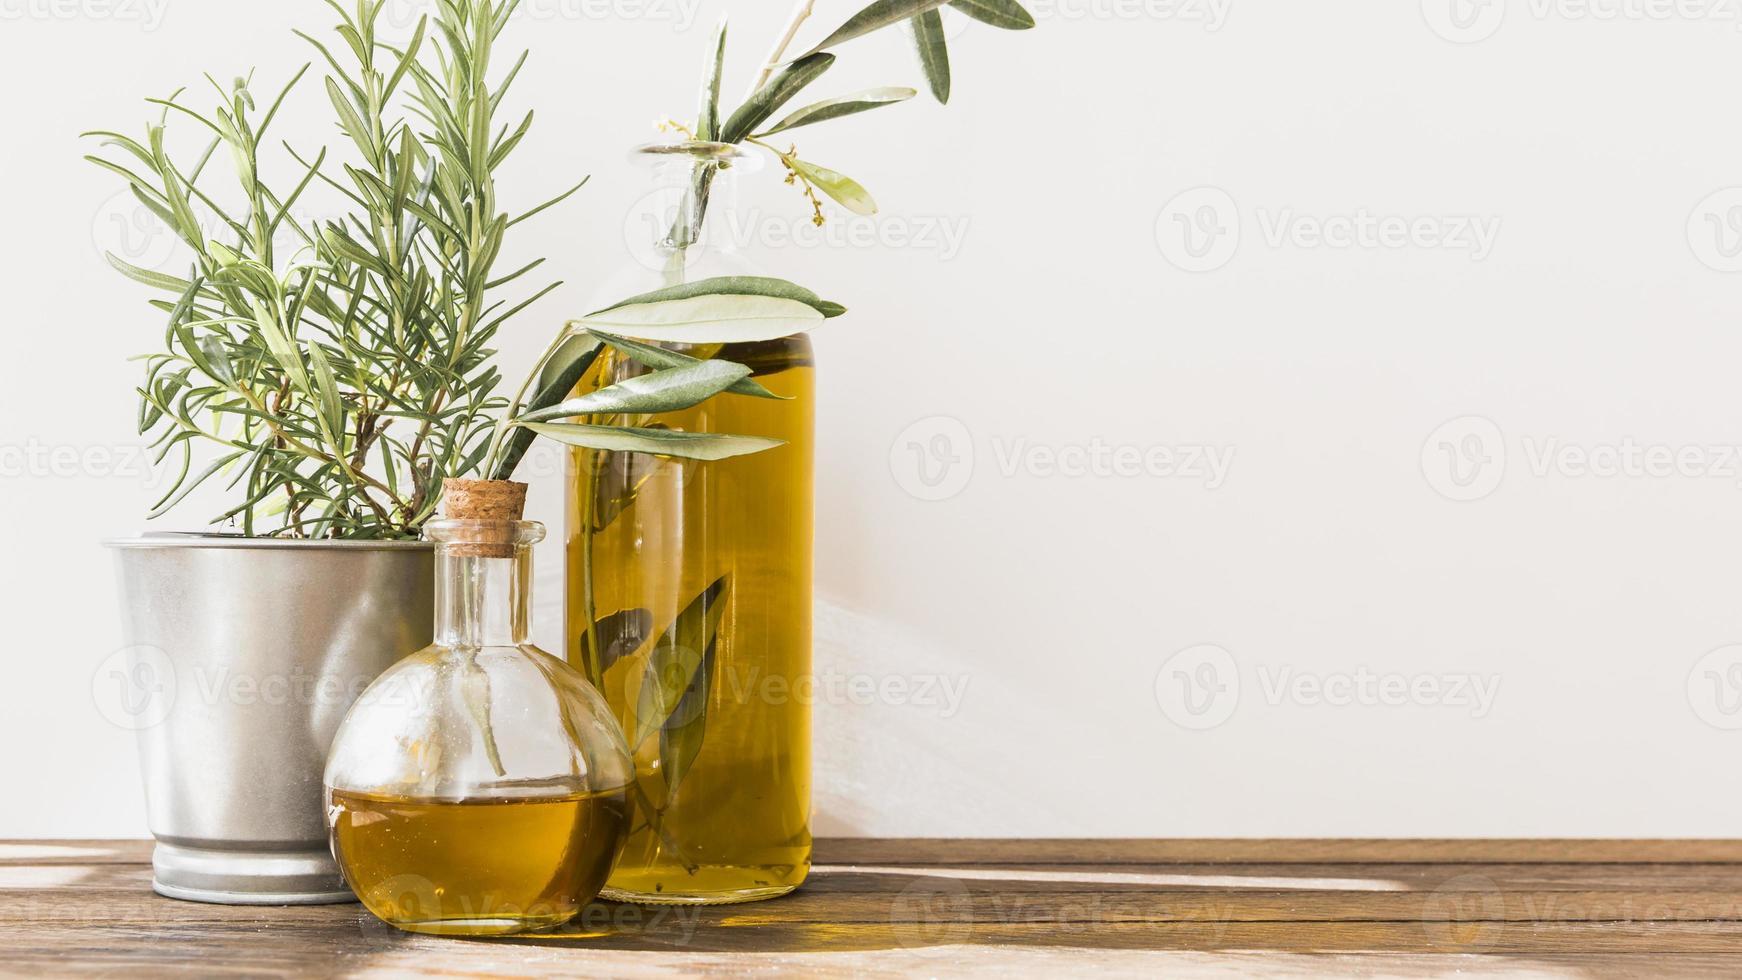 rozemarijn met olijfolieflessen op houten tafel foto